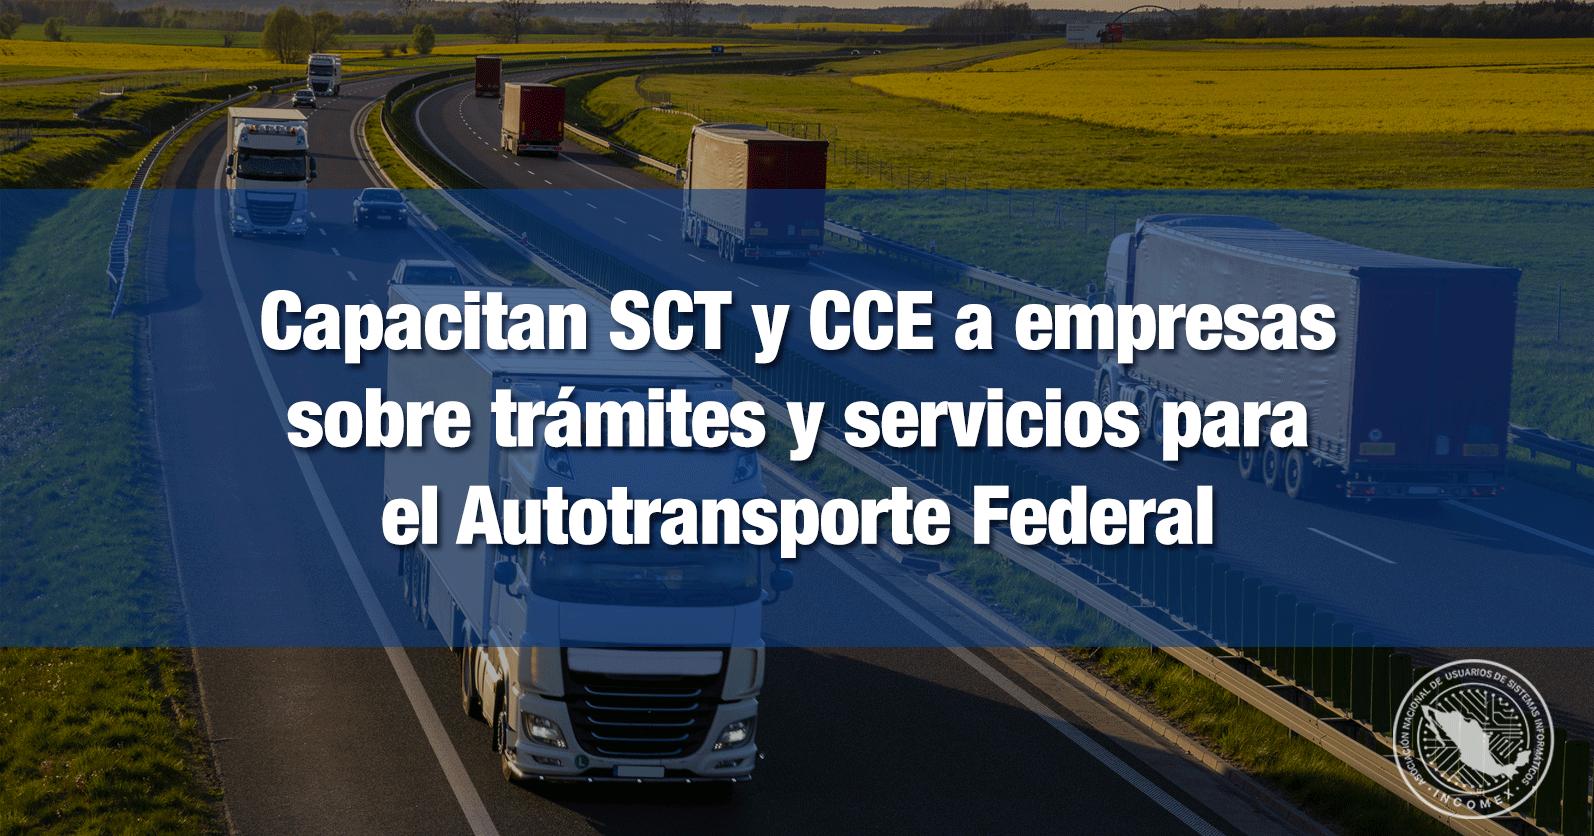 Capacitan SCT y CCE a empresas sobre trámites y servicios para el Autotransporte Federal